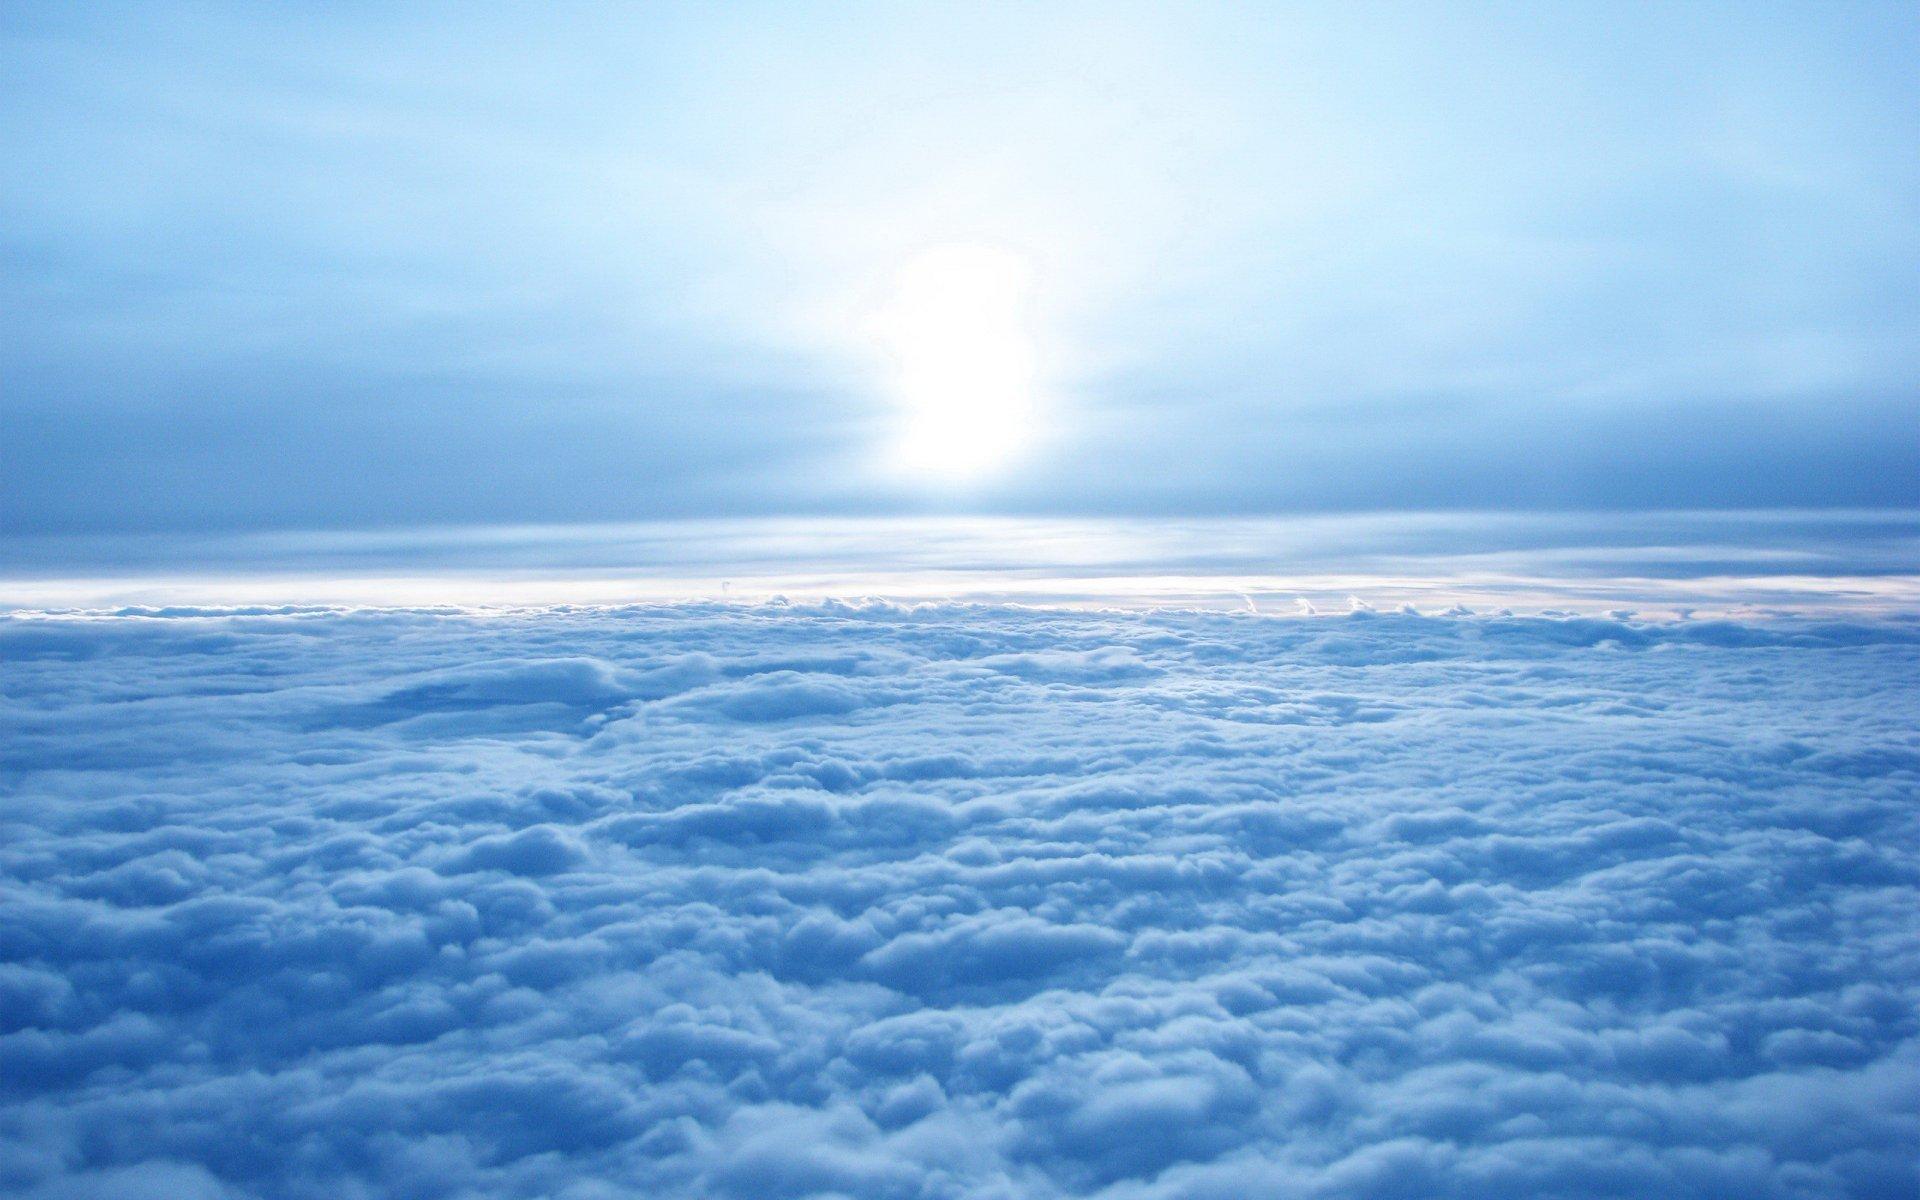 Fluffy clouds wallpaper 37763 1920x1200